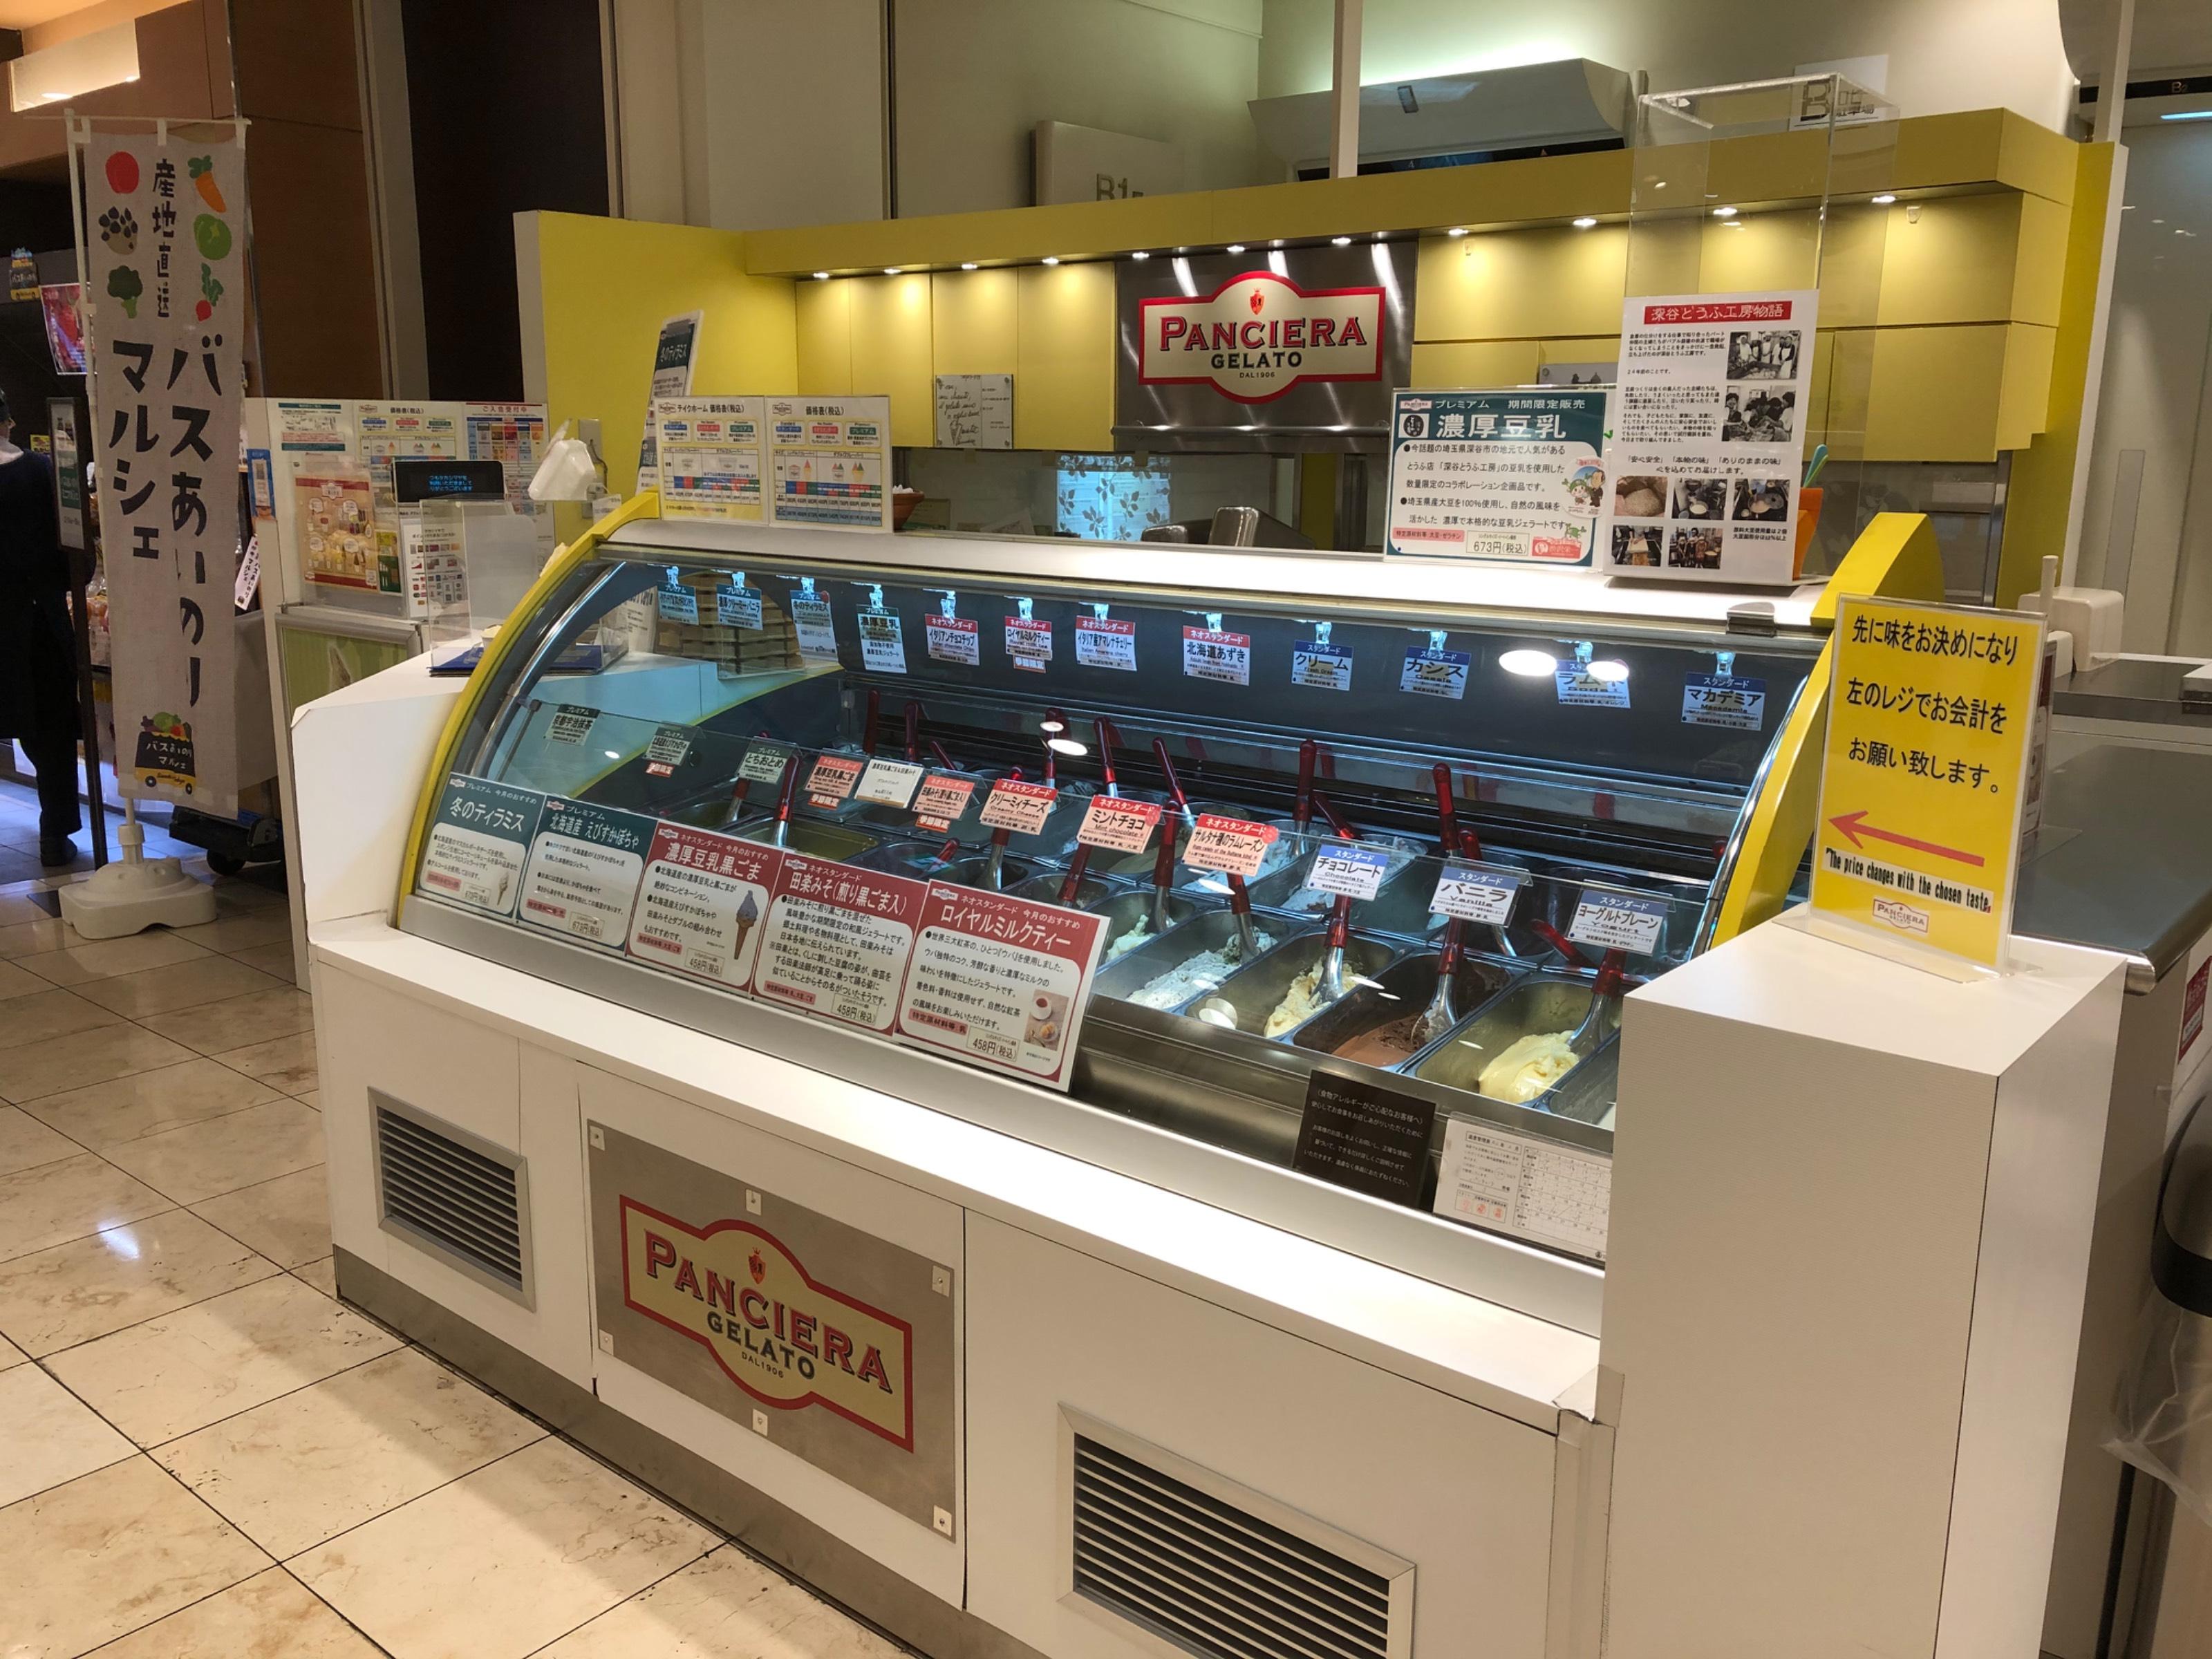 ジェラテリア パンチェーラ 新宿タカシマヤ店